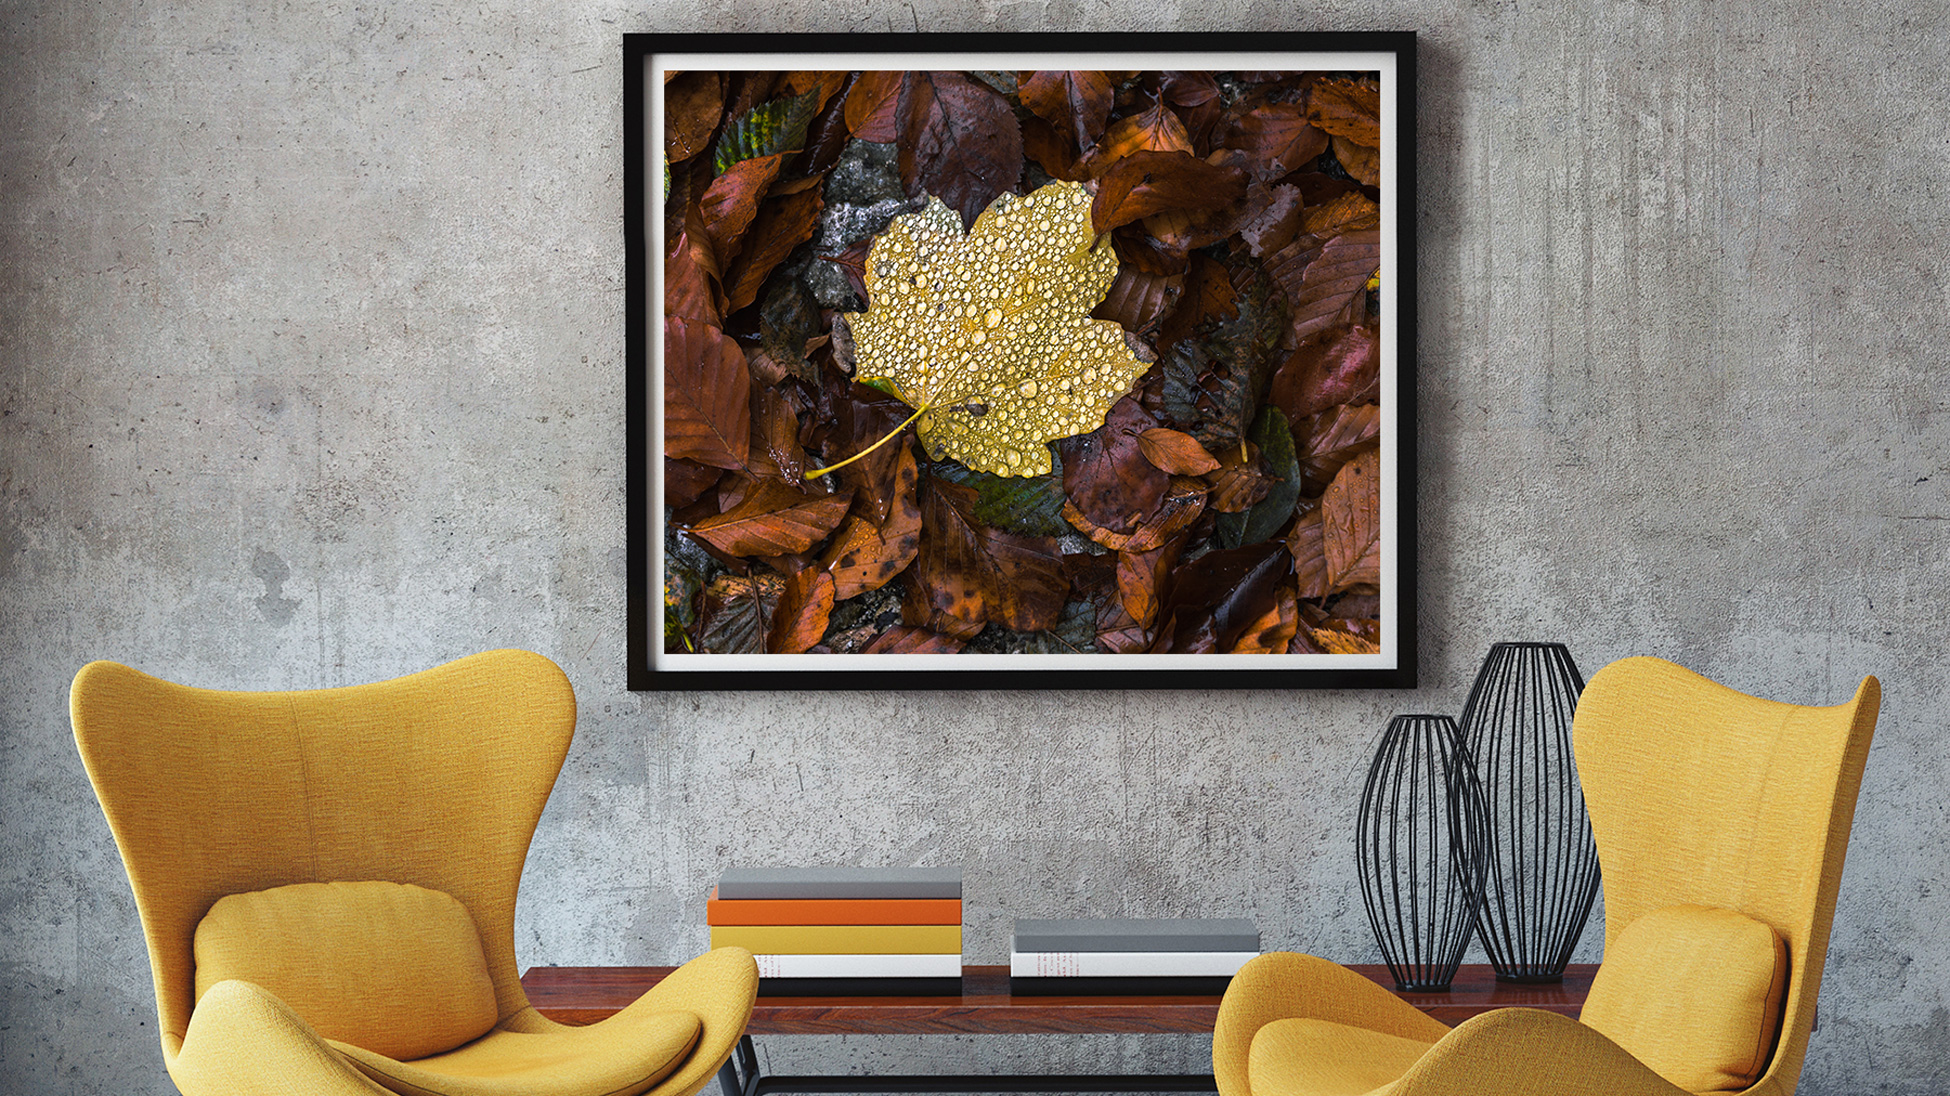 foglie-in-salotto